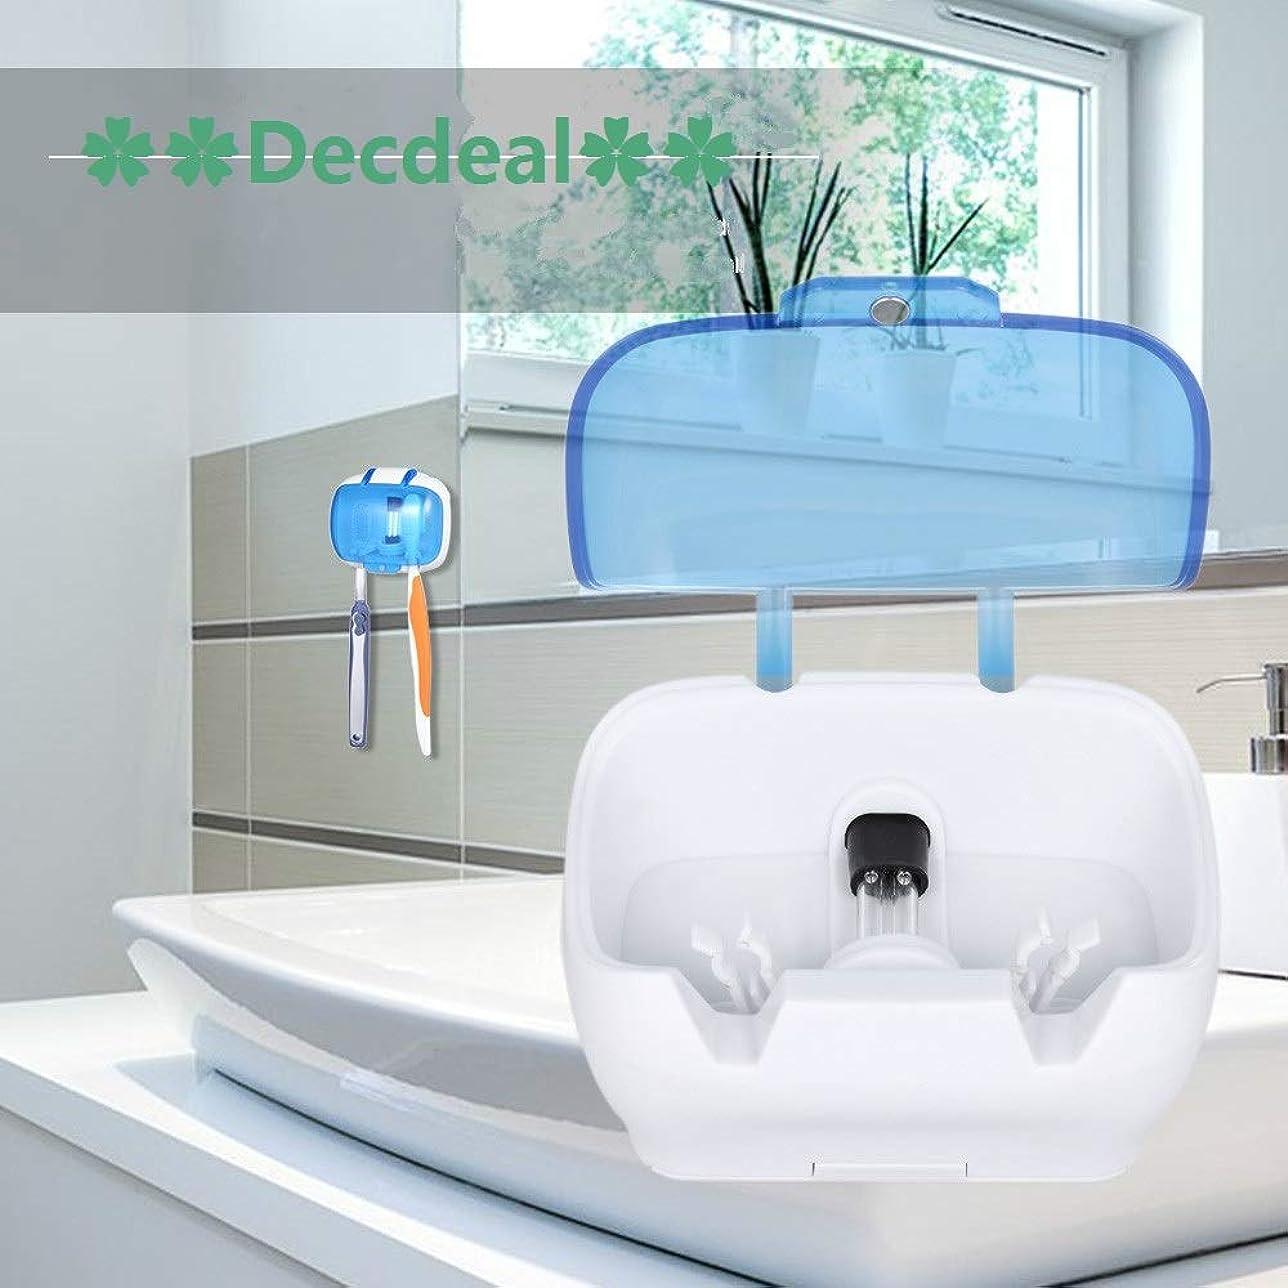 アラート害製作Decdeal UV滅菌キャビネット 多機能消毒クリーンツール プロフェッショナル ネイルアート機器トレイ 温度殺菌ツール 5W 220V USプラグ (歯ブラシUV消毒ボックス)